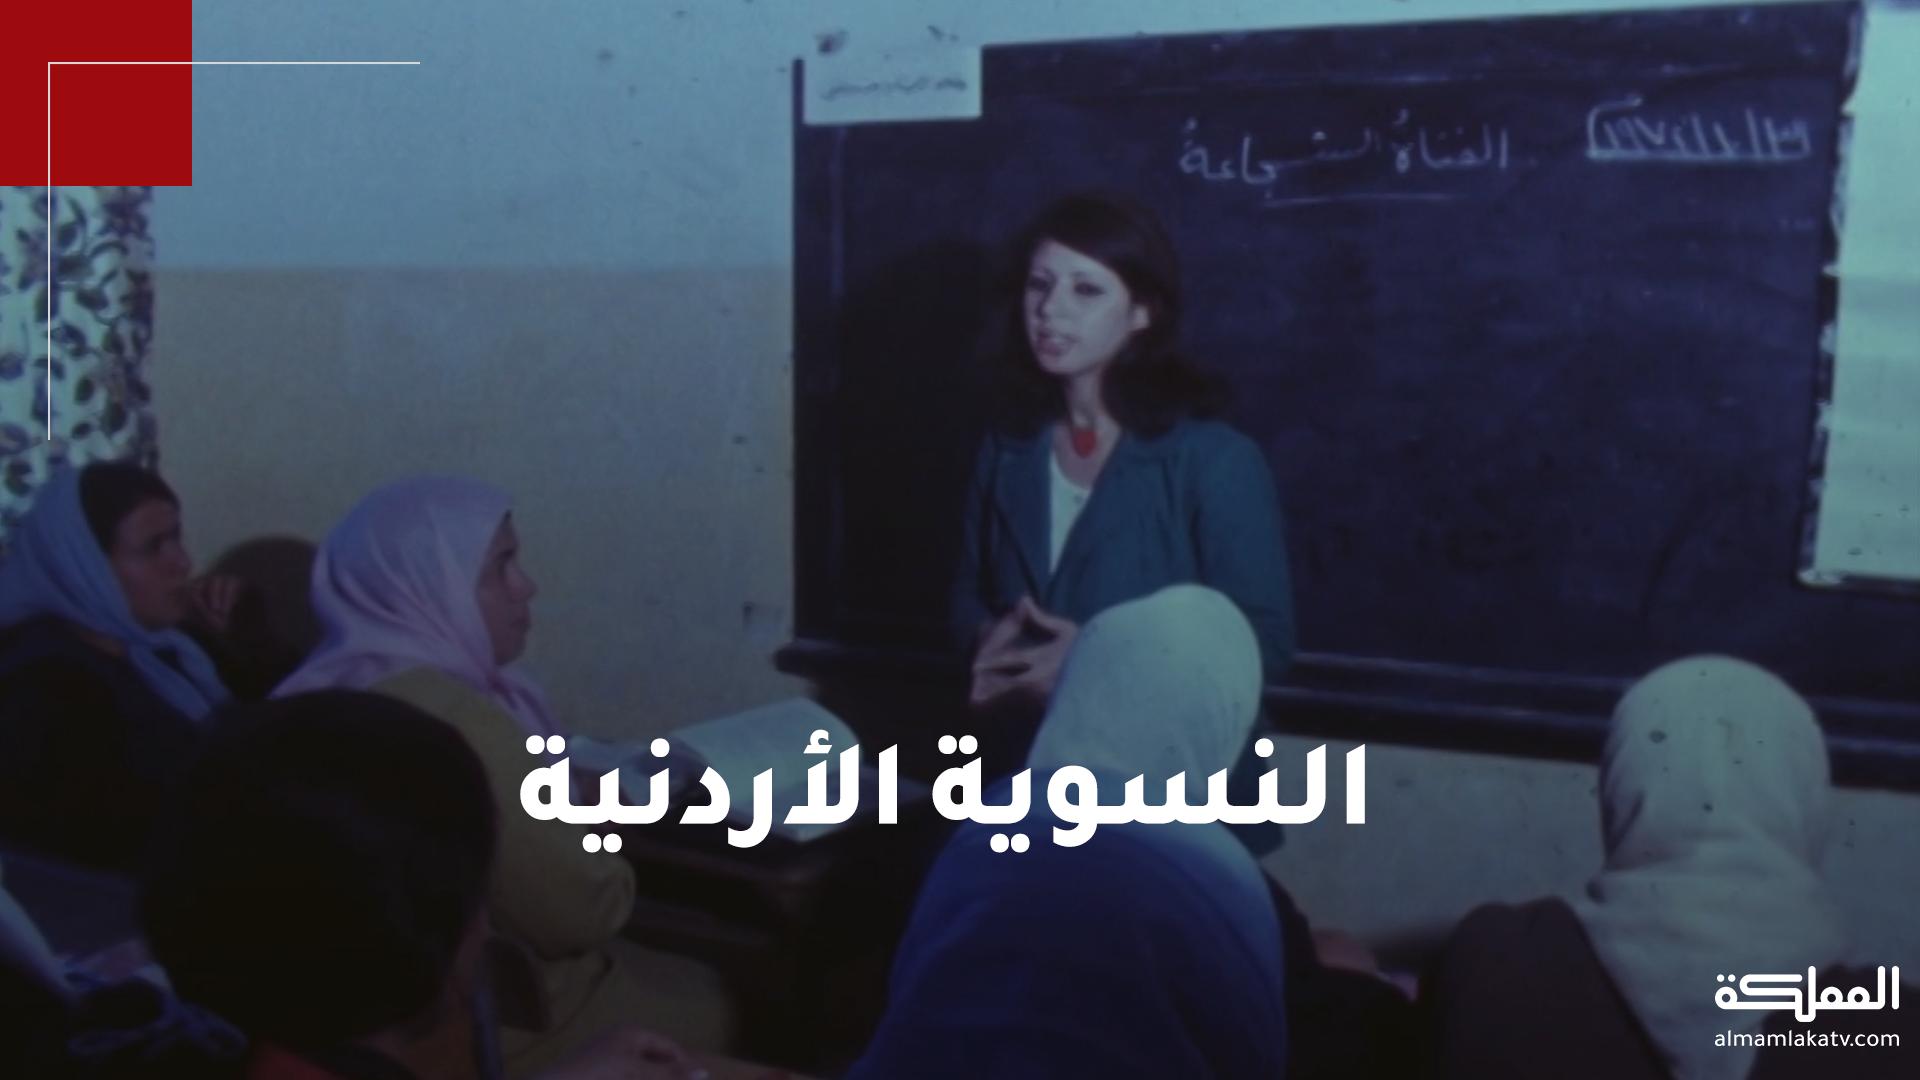 نضال النساء الأردنيات من أجل التمكين بدأ منذ زمن.. تعرفوا على مسيرة الحركة النسائية